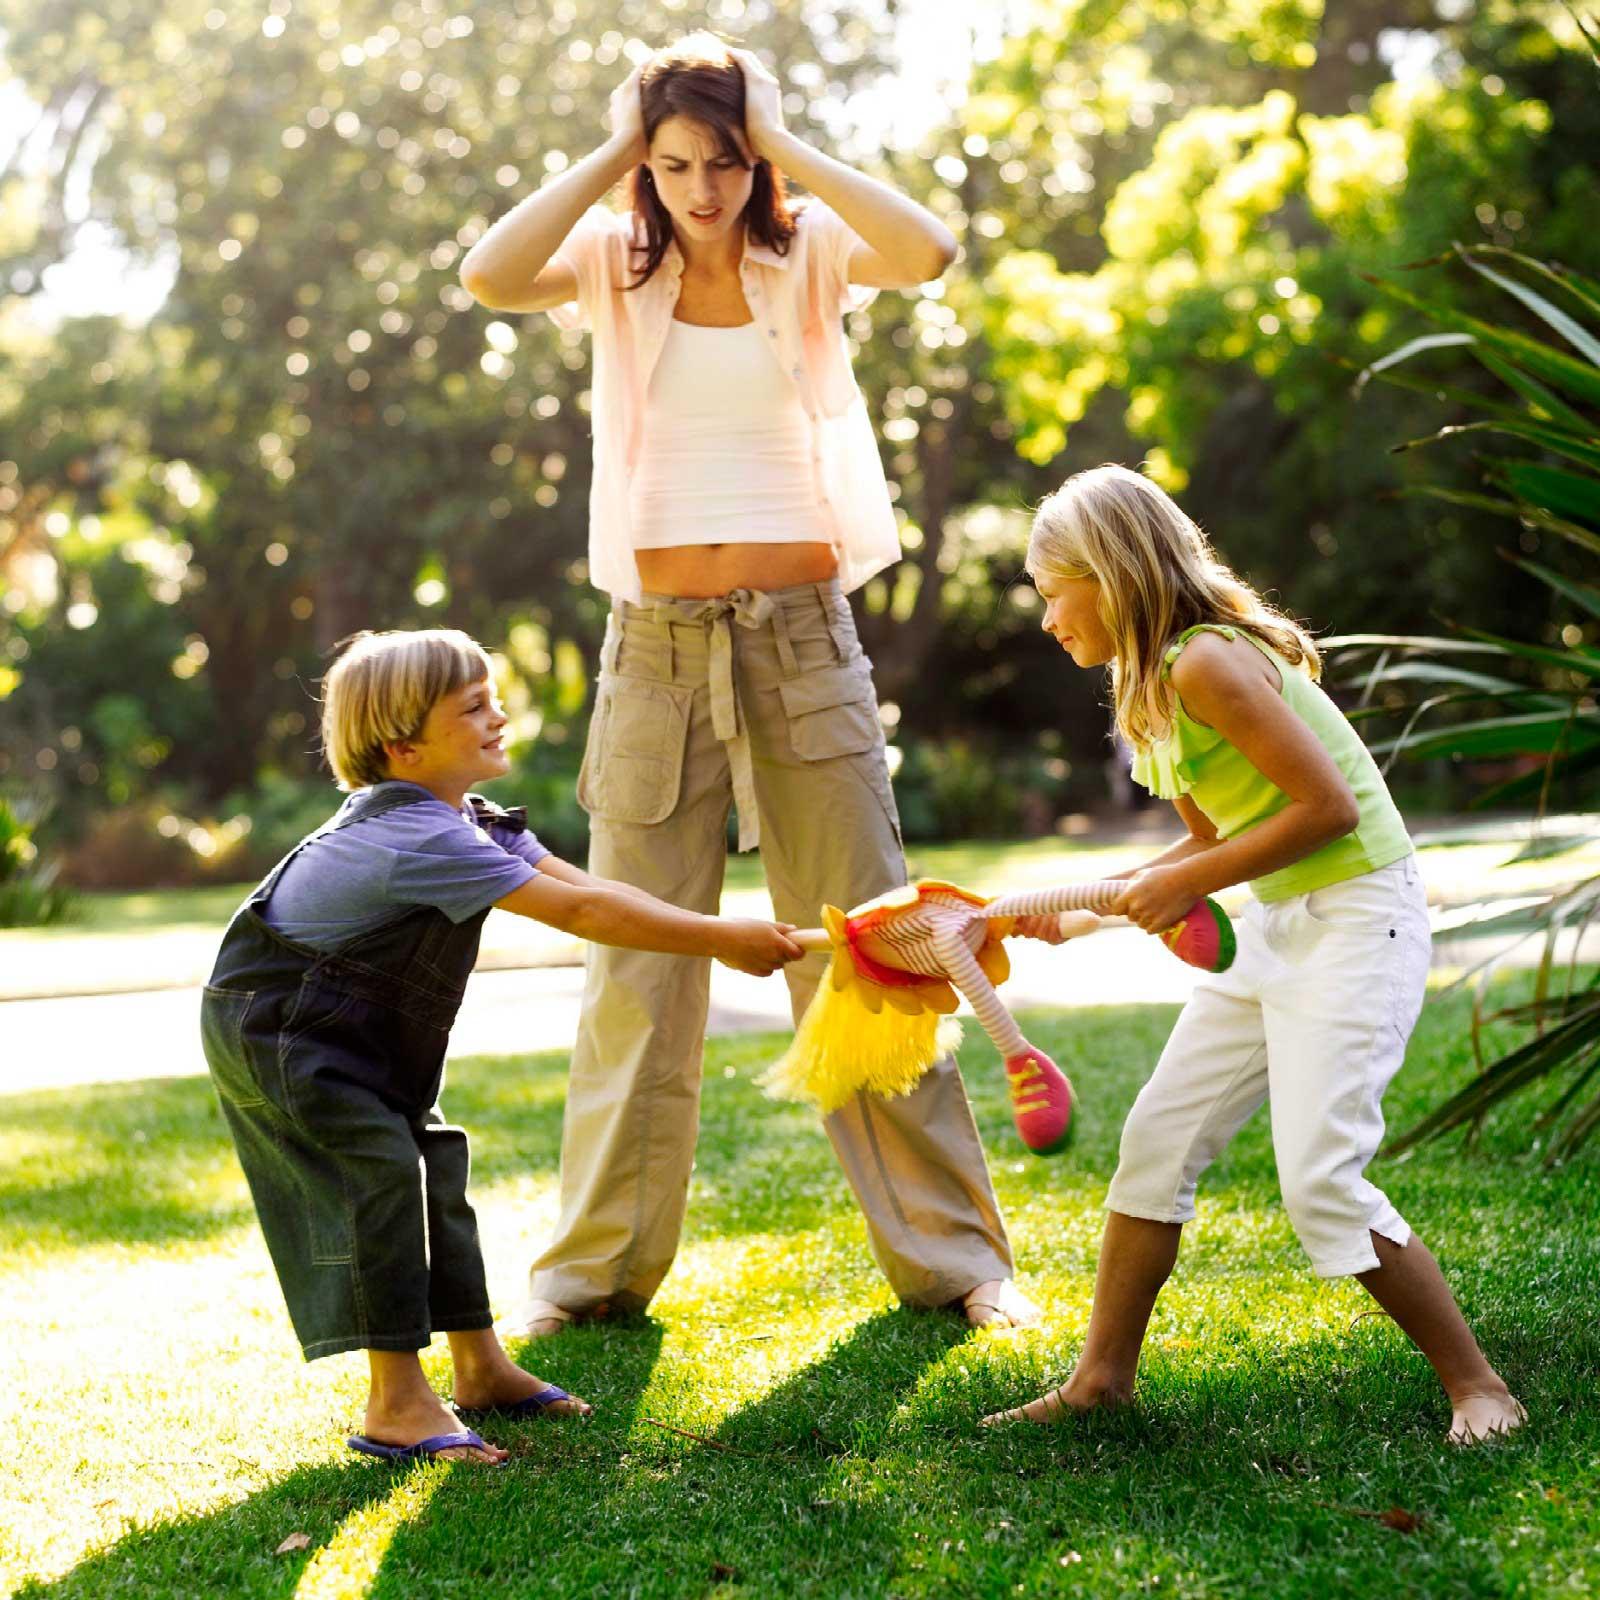 Конфликты на детской площадке: как не довести до драки?